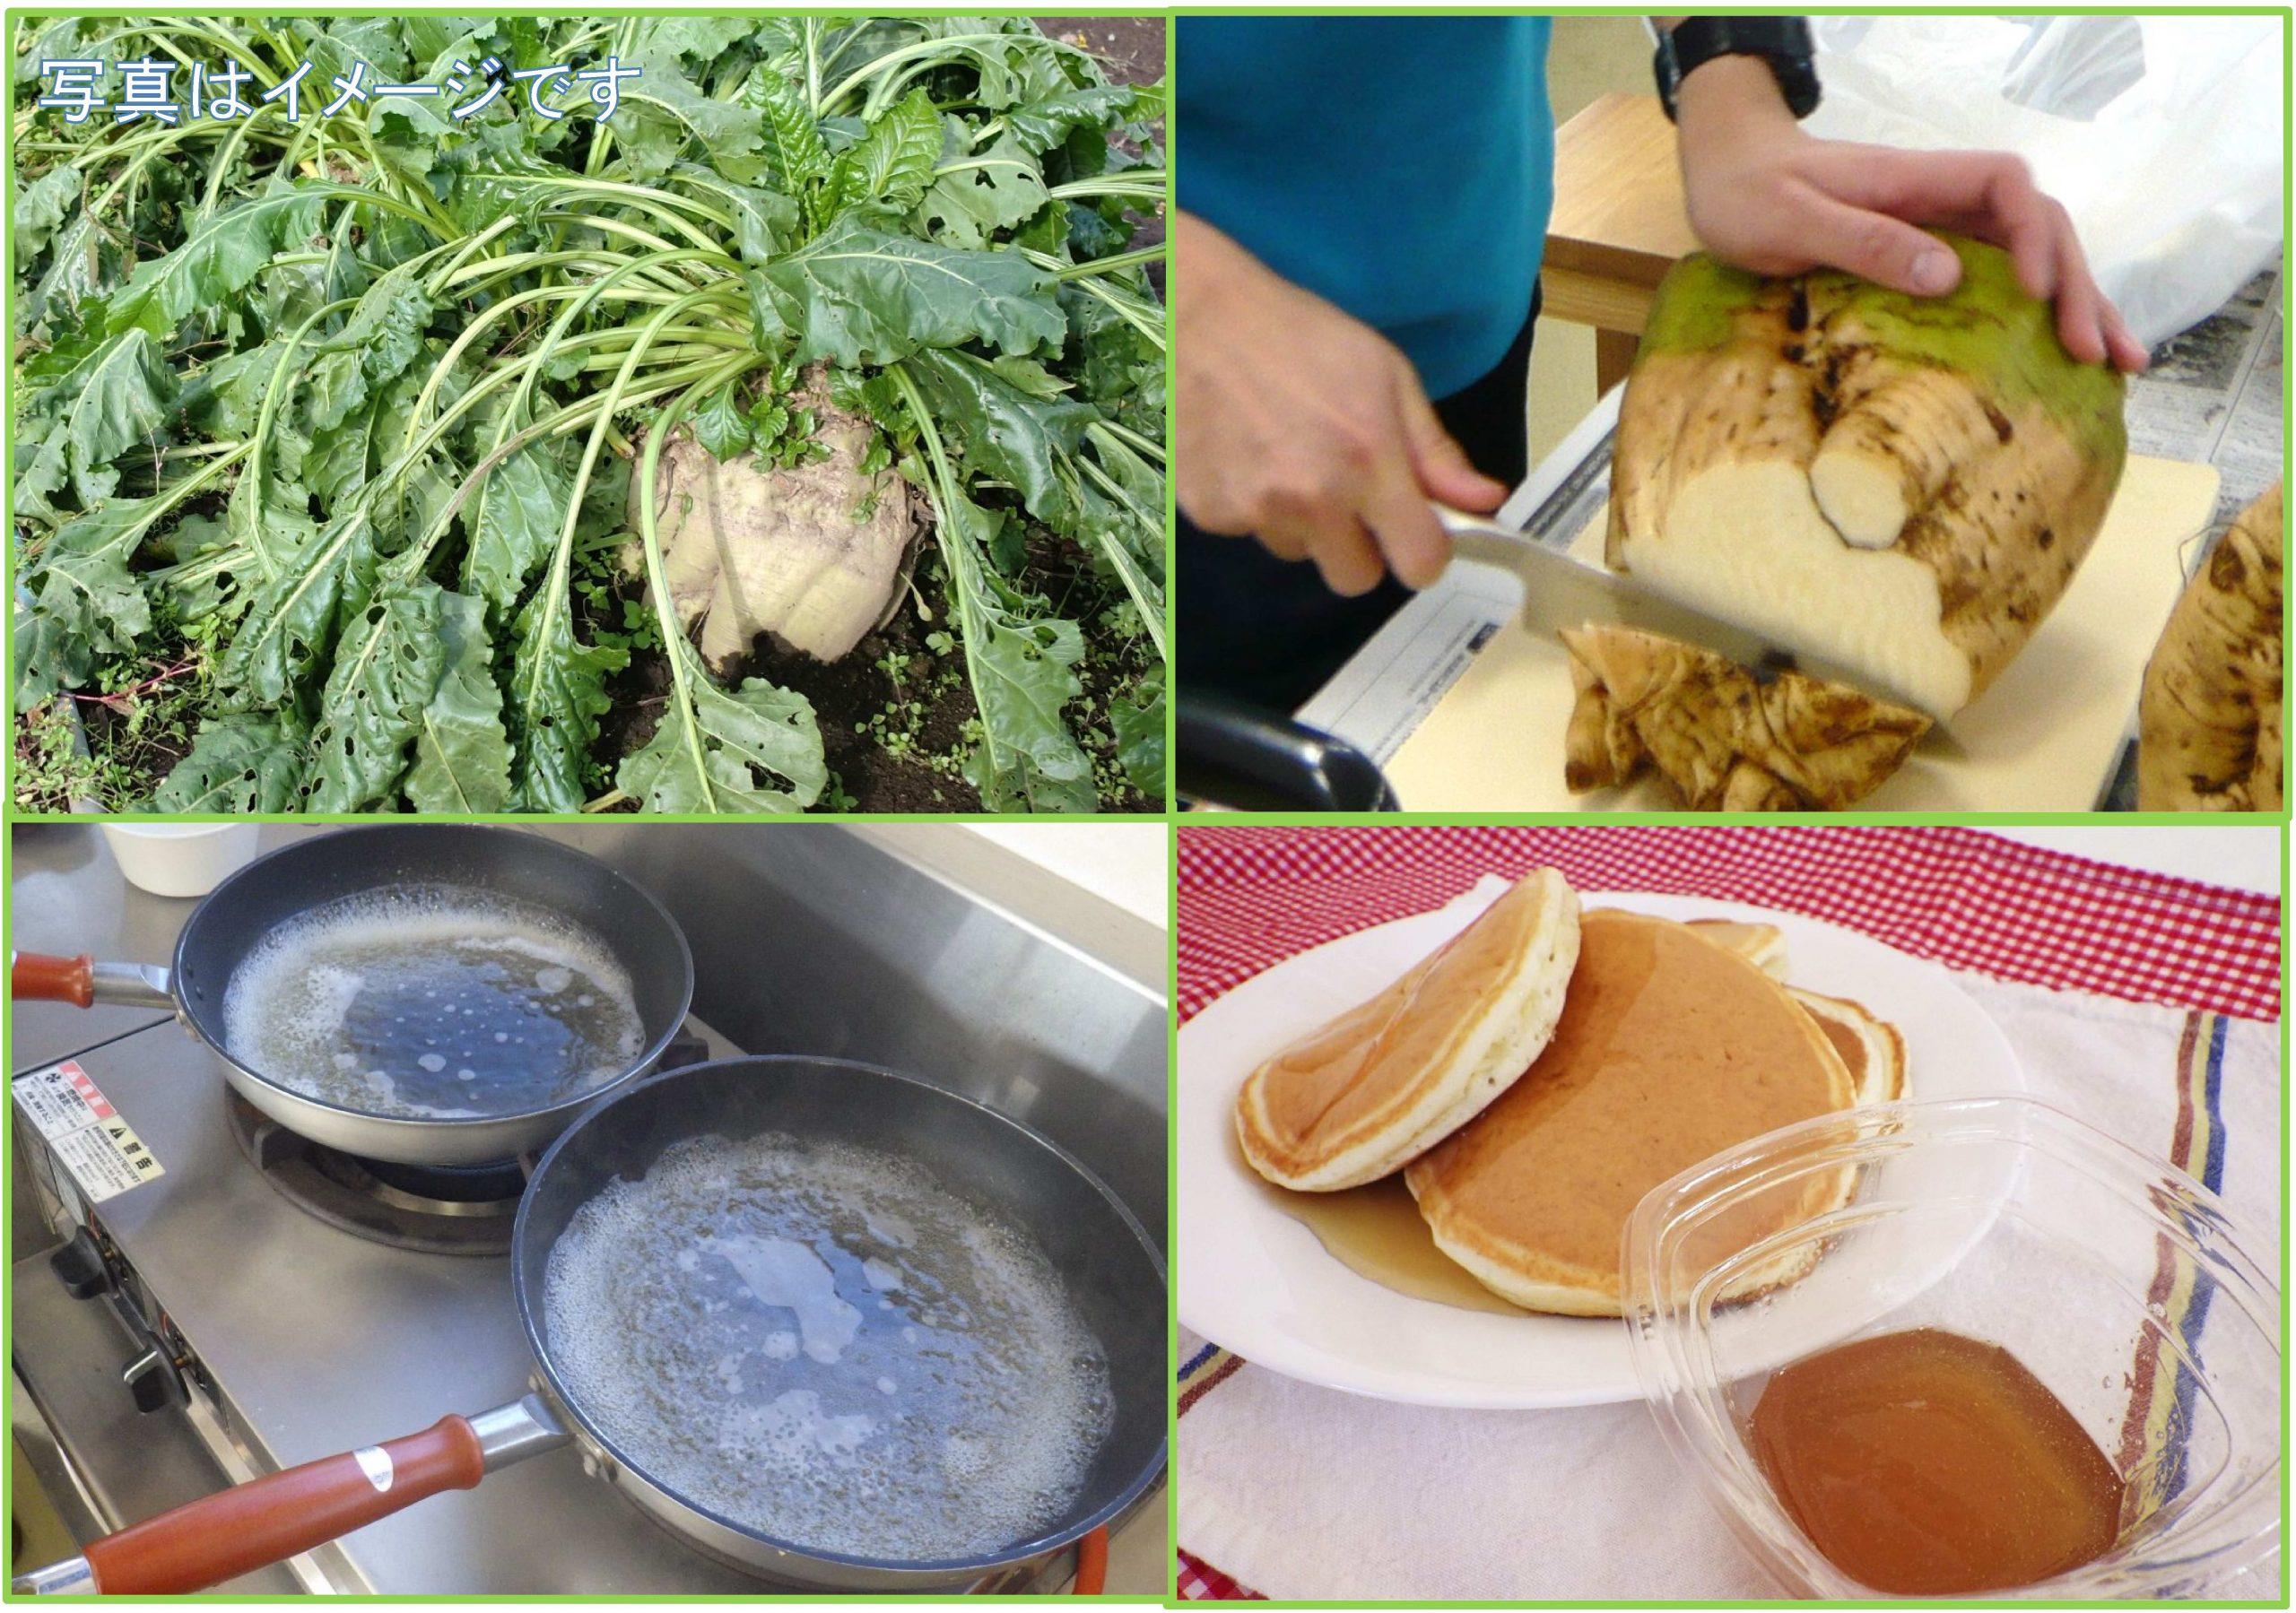 てん菜を収穫してシロップを作ろう (ホットケーキ付)